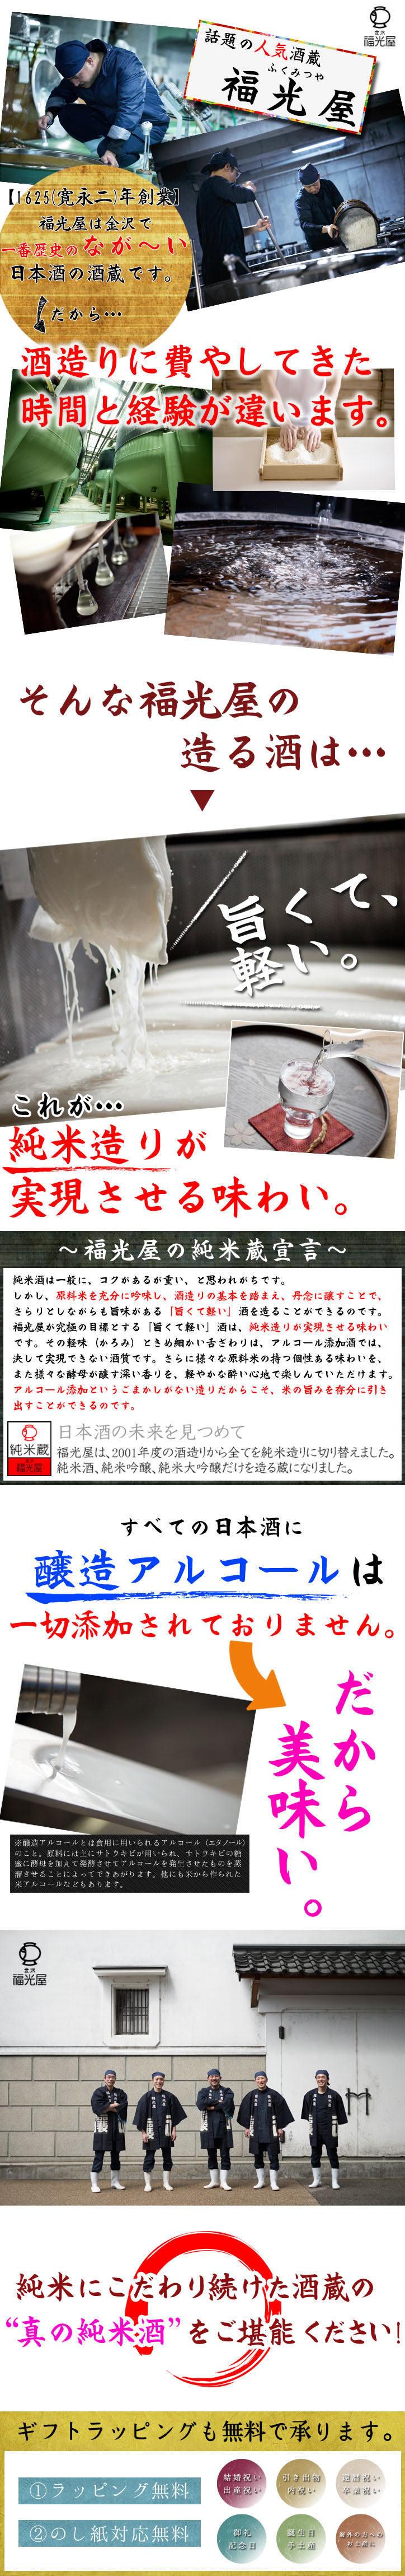 石川県 福光屋